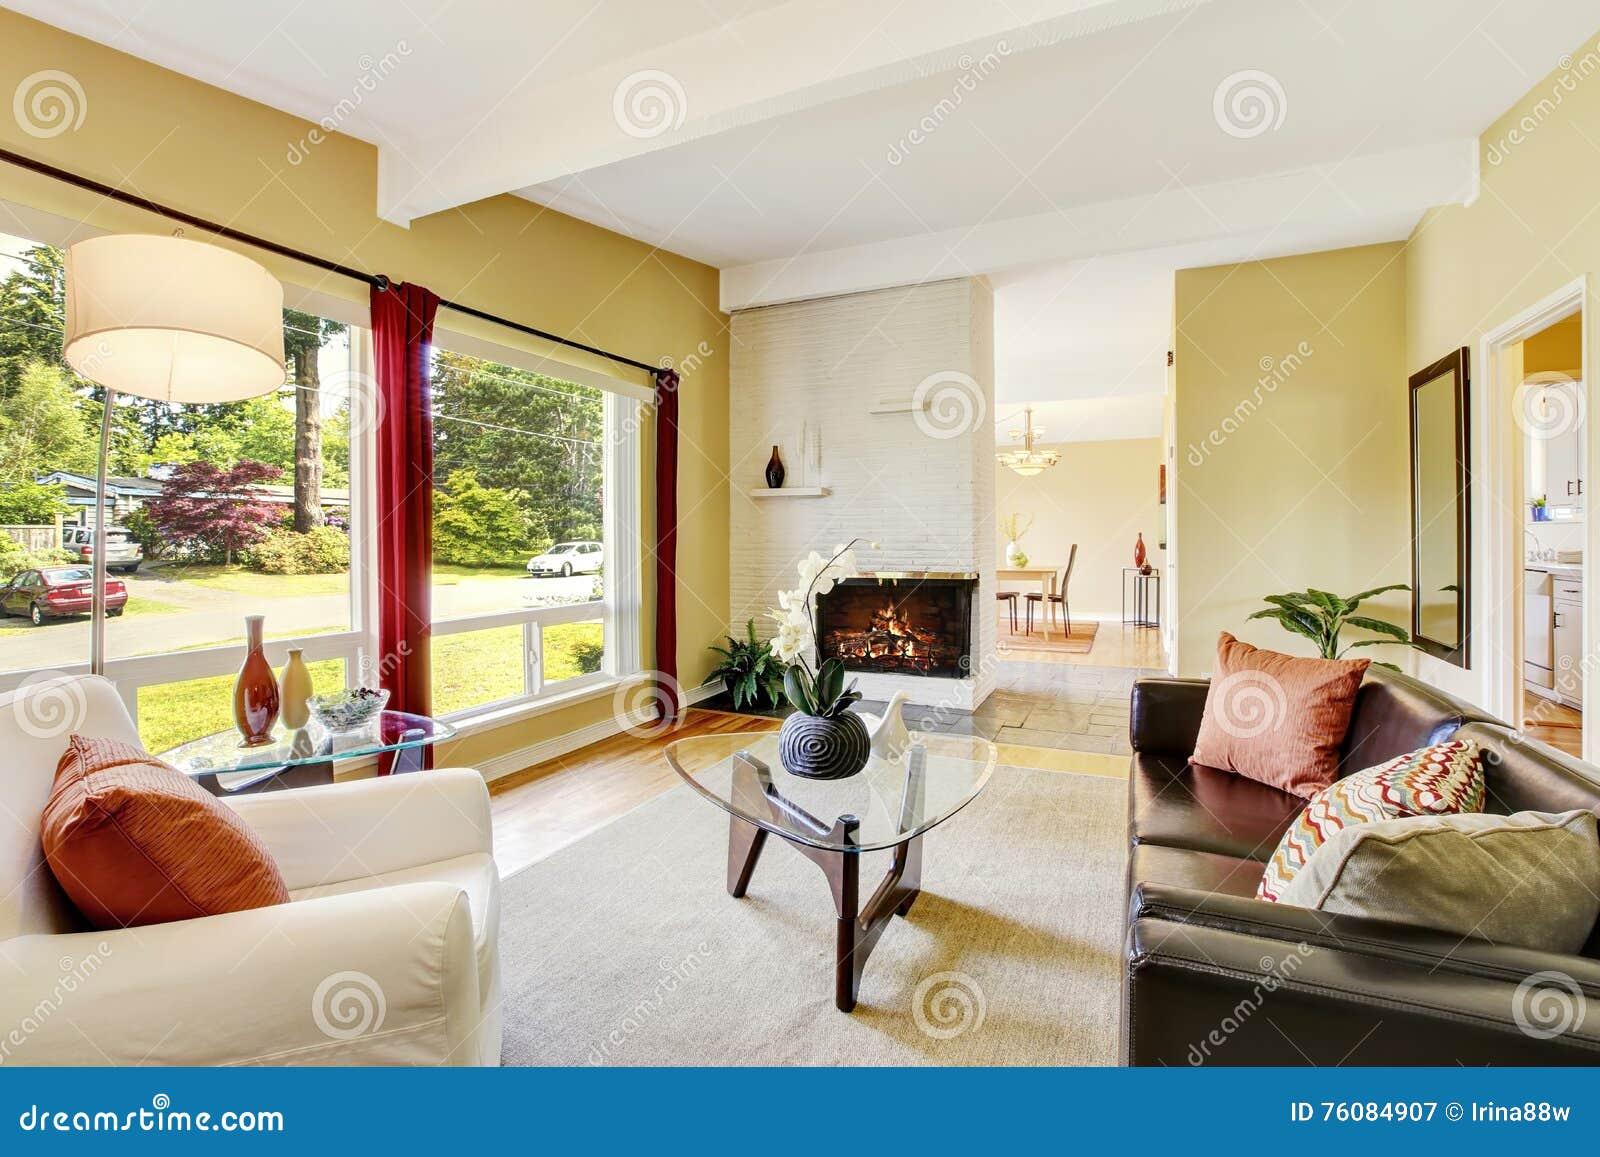 salon moderne avec deux fentres et table basse en verre